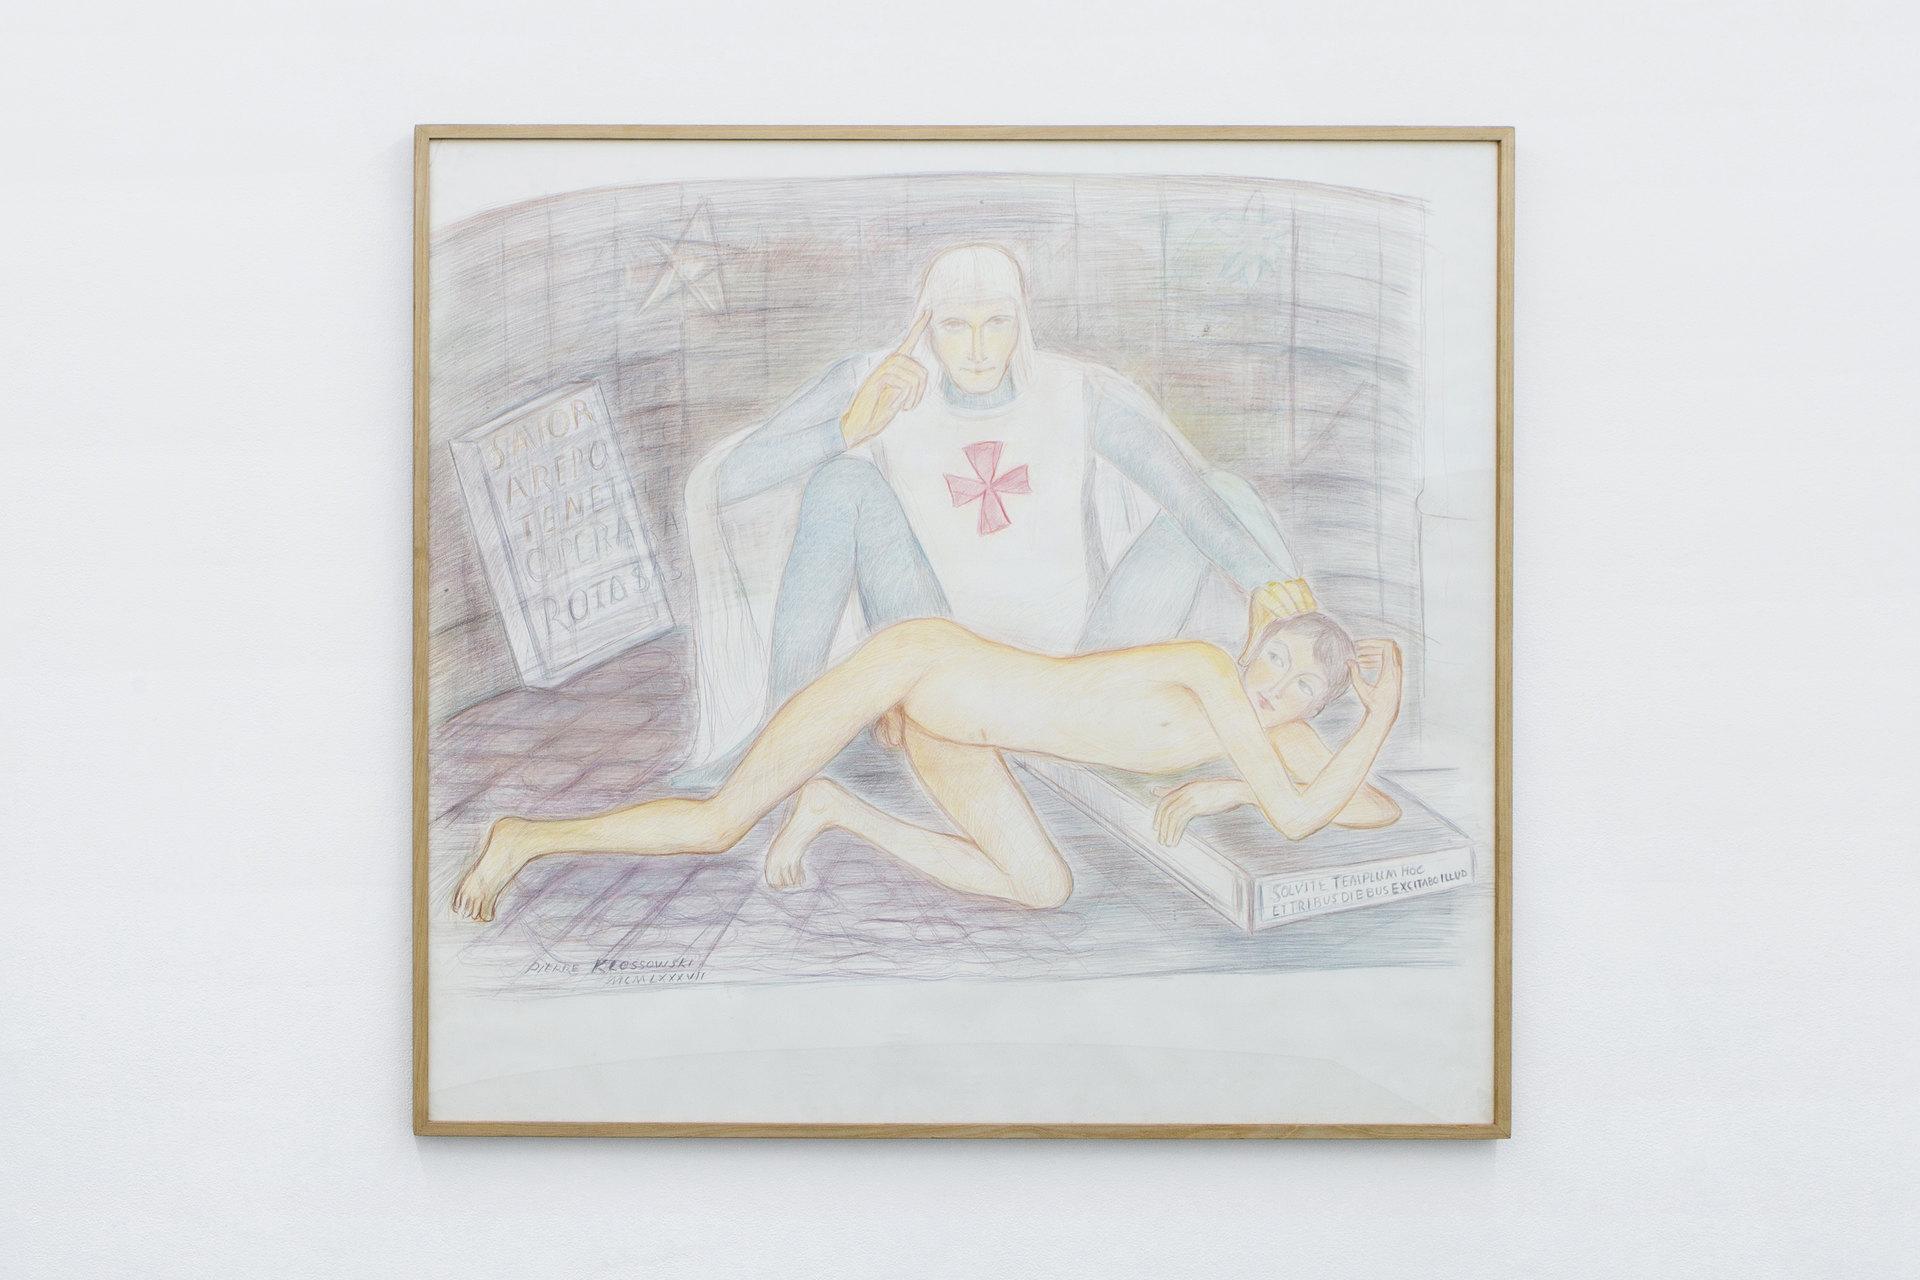 Pierre Klossowski, 'Malvoisie initiant le jeune Ogier', 1987, Perverts, 2017, Cell Project Space